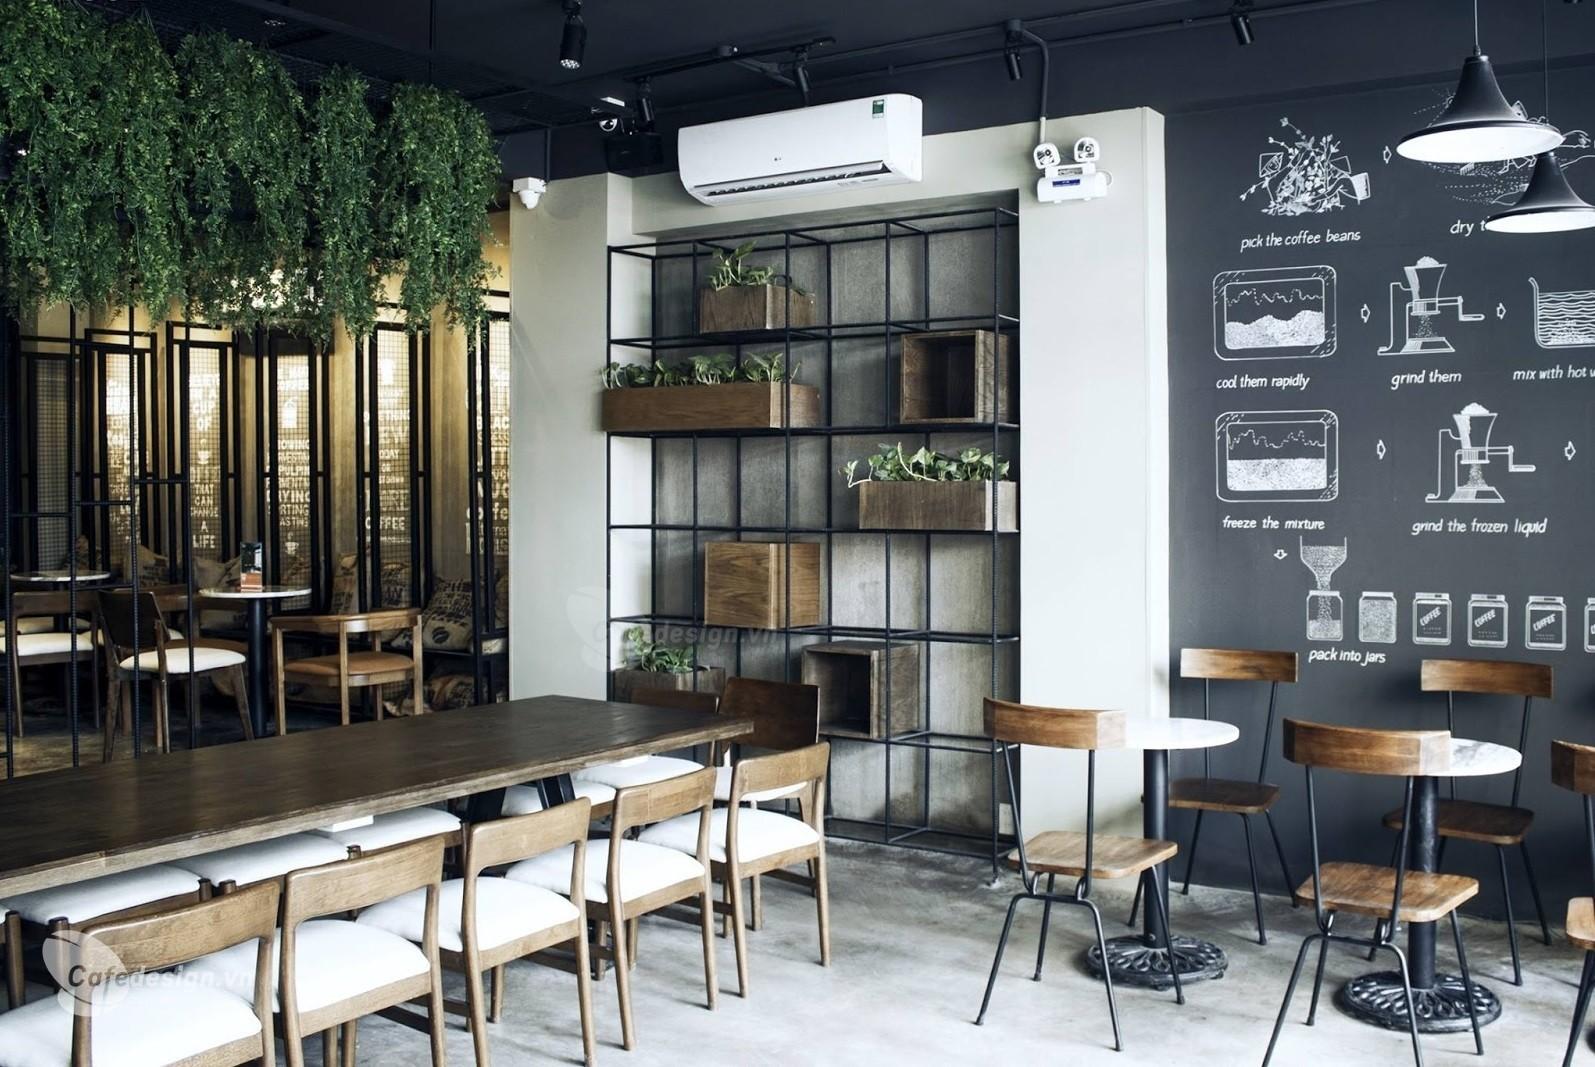 Quán cà phê trang trí theo phong cách hiện đại